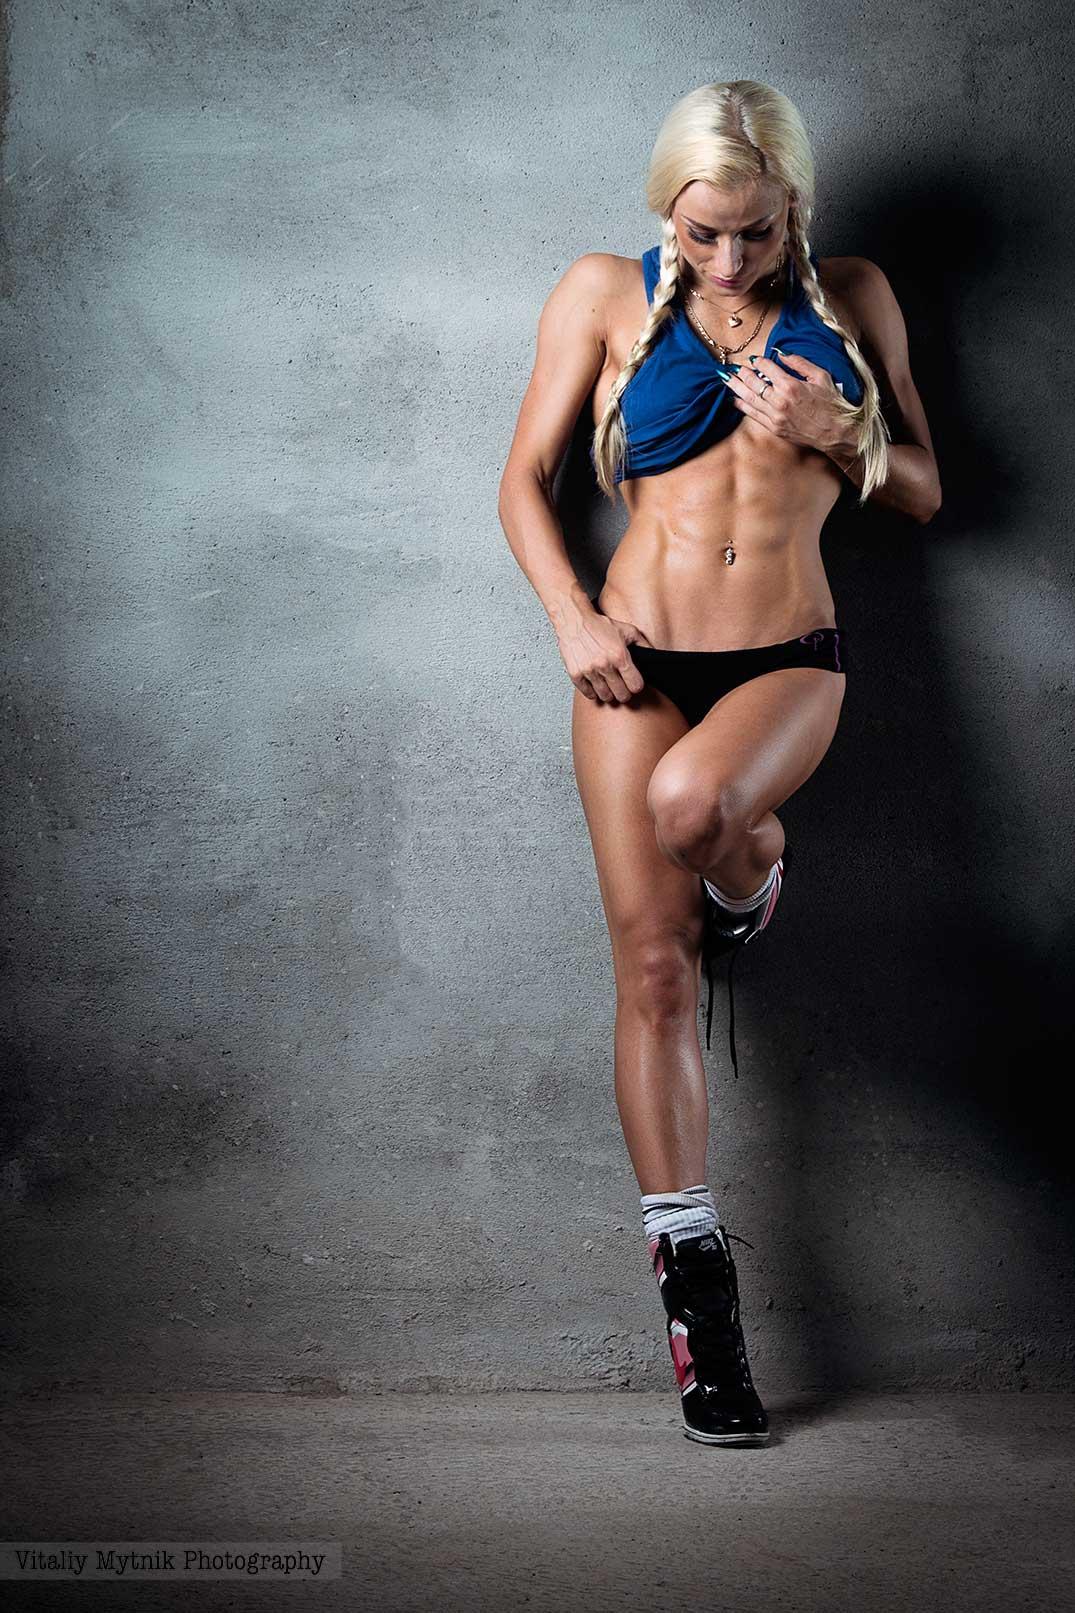 спорт, девушка, блондинка, пресс, мышцы, , Виталий Мытник